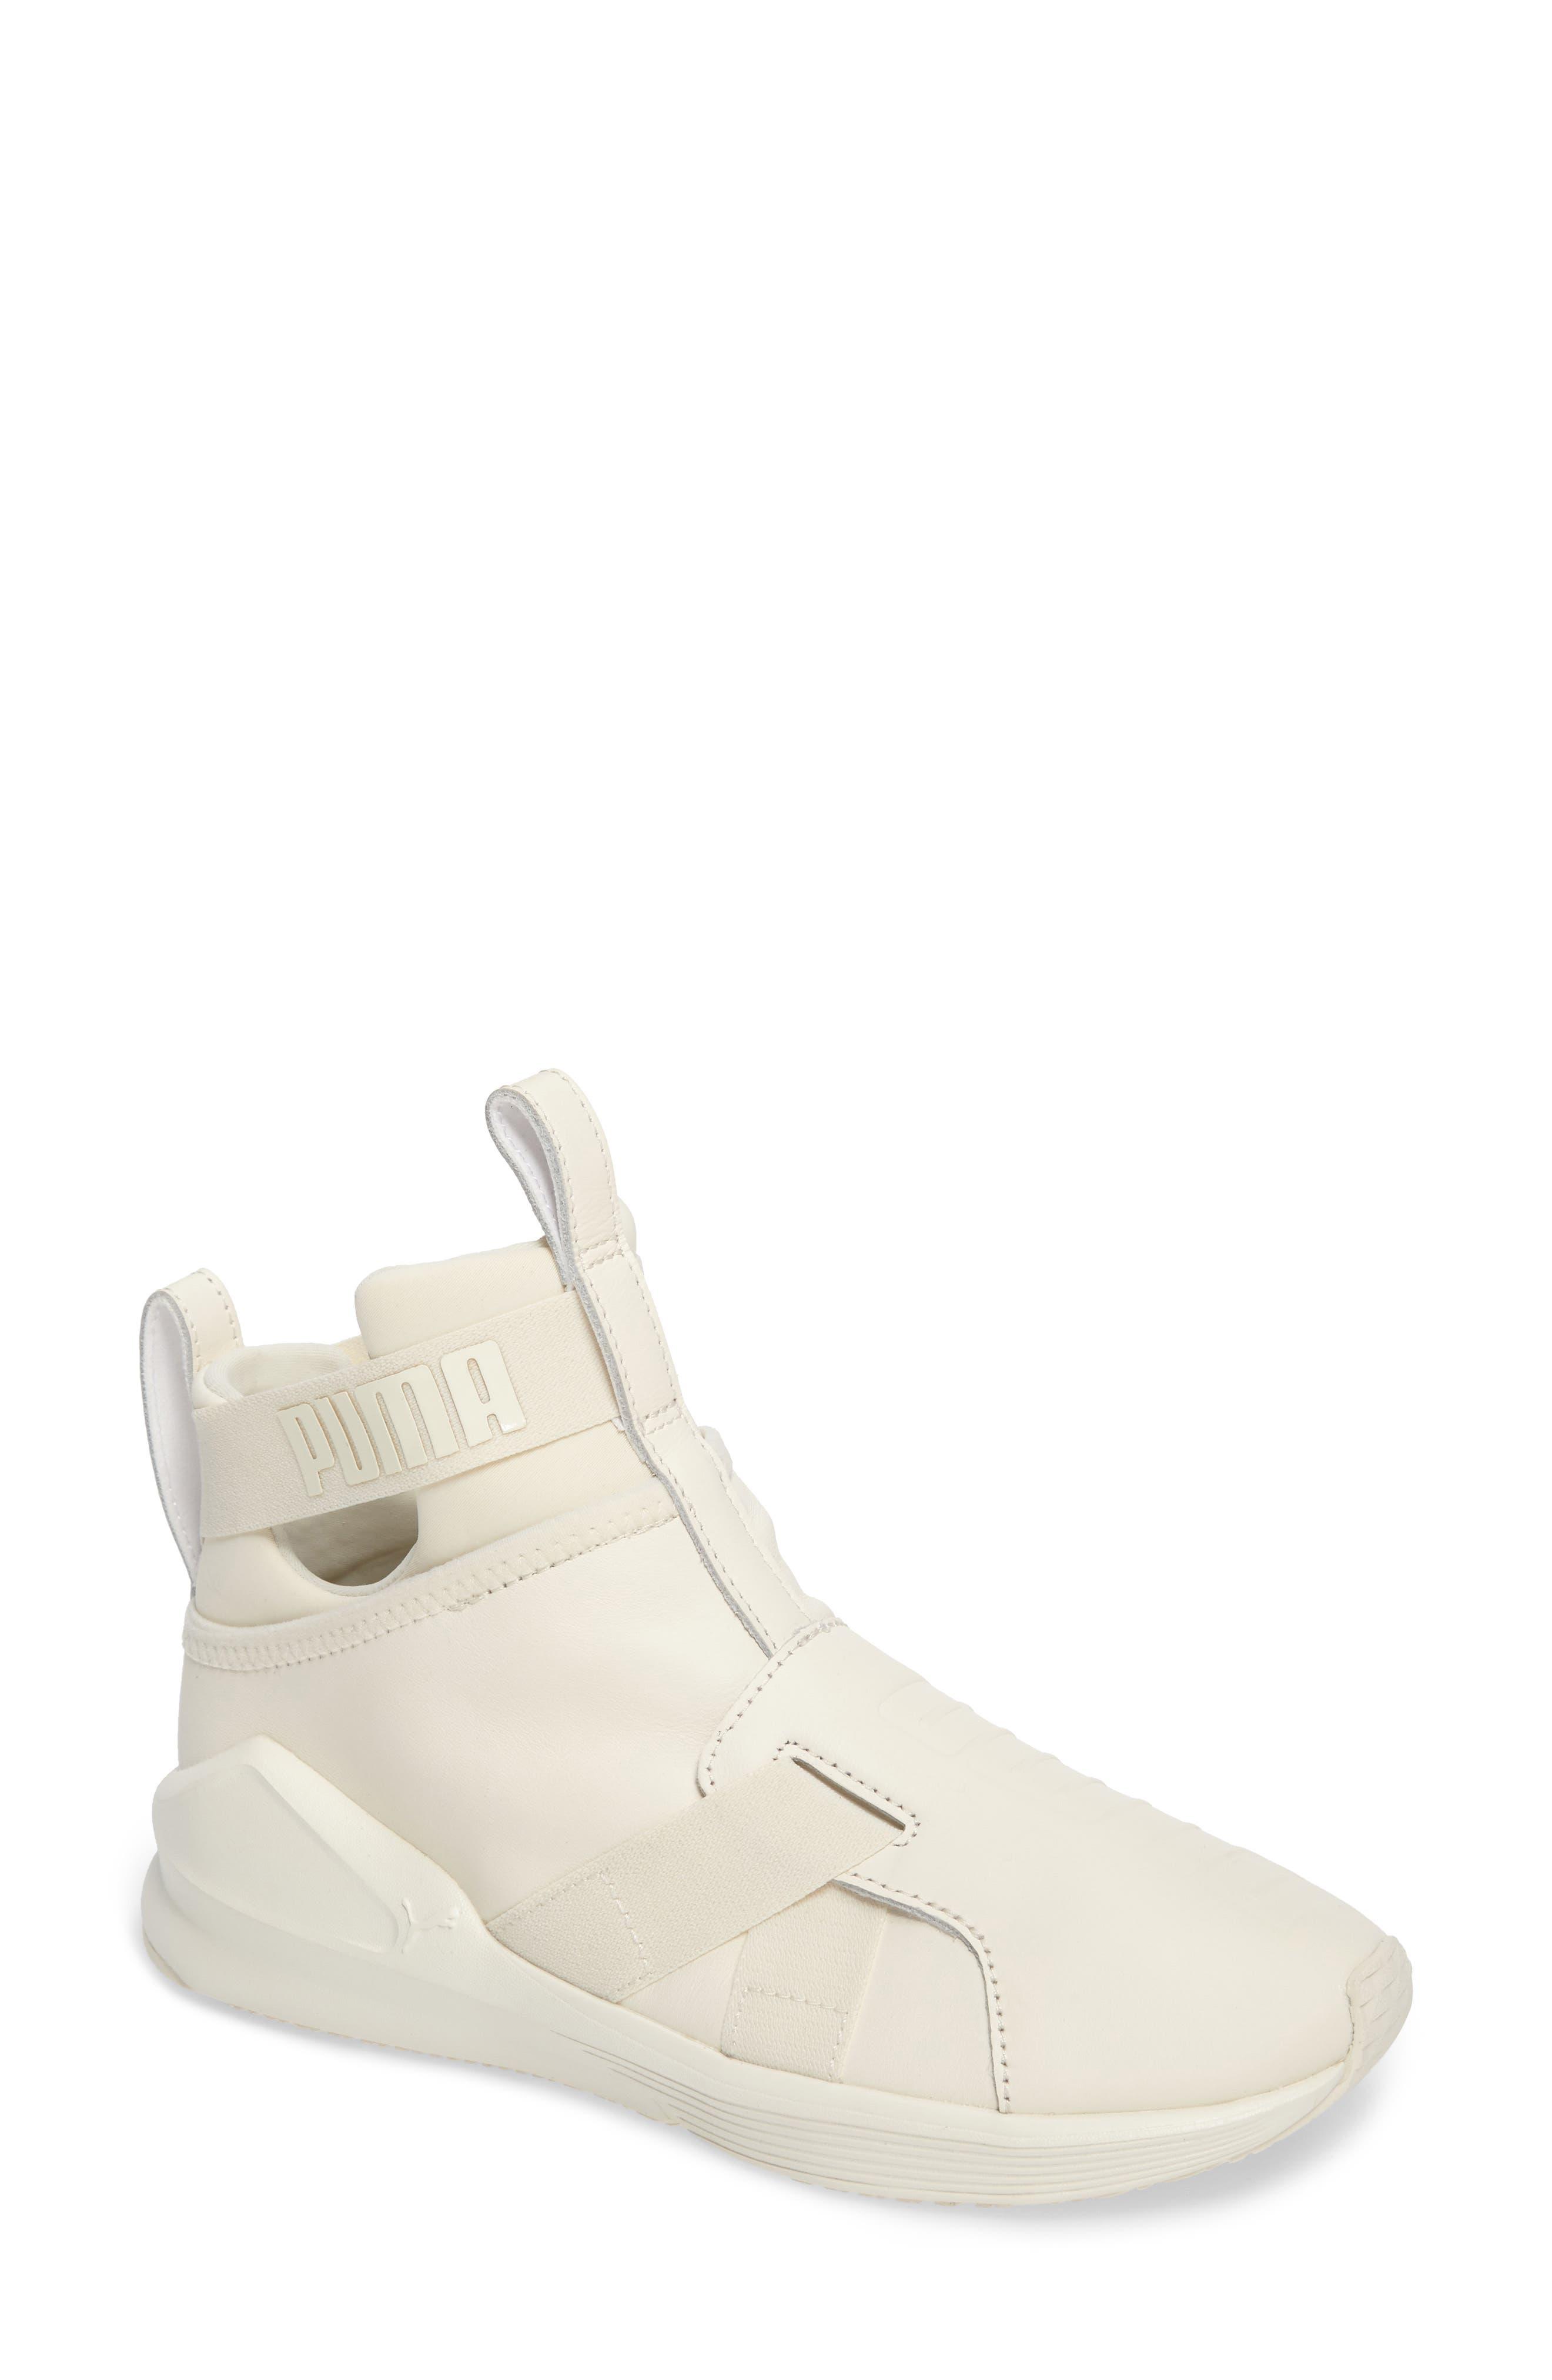 PUMA Fierce Strap Training Sneaker (Women)